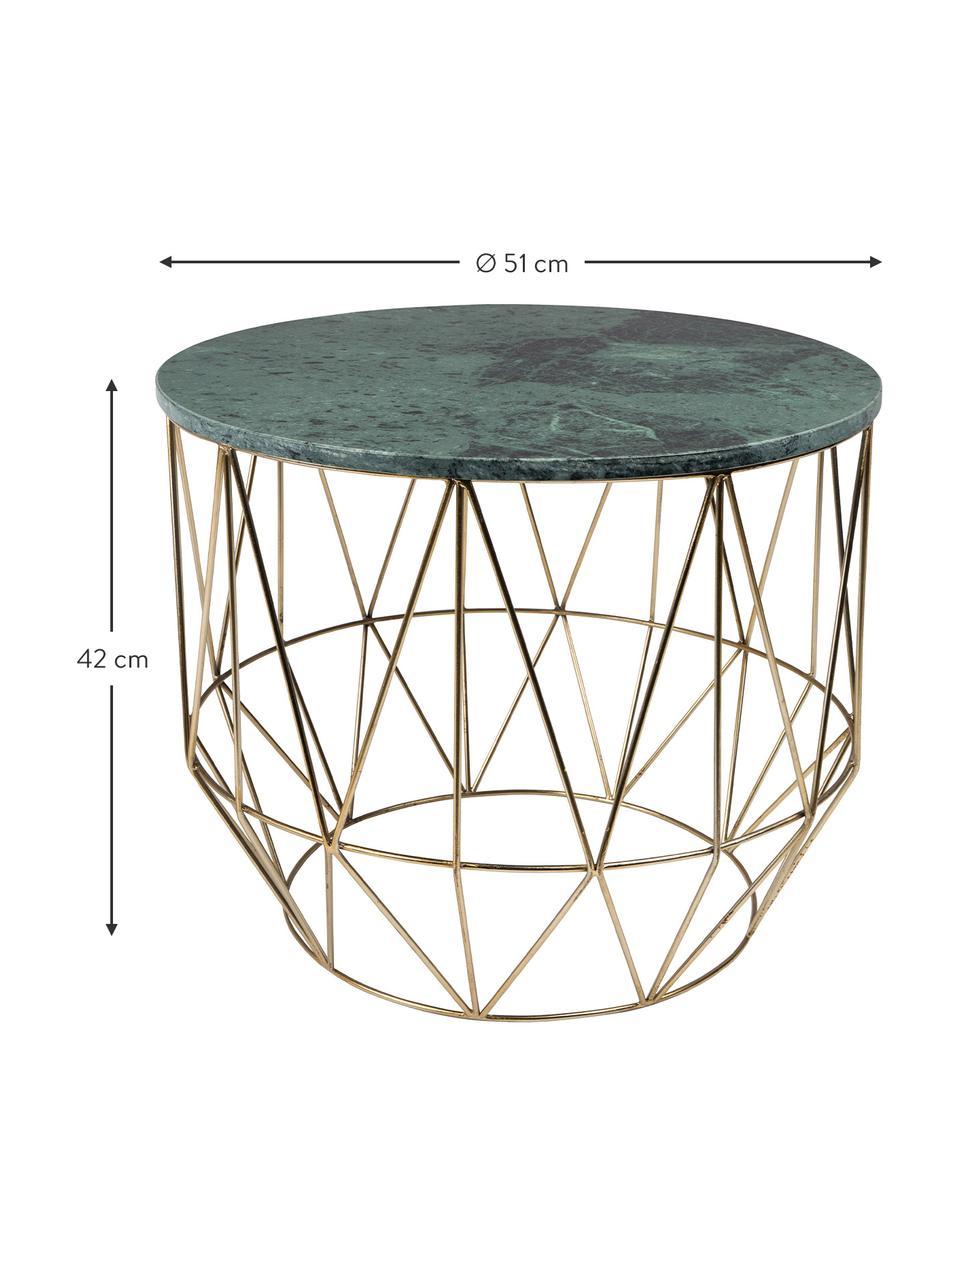 Runder Marmor-Beistelltisch Boss, Tischplatte: Marmor, Gestell: Metall, vermessingt, Tischplatte: Grün, marmoriert Beine: Messing, Ø 51 x H 42 cm